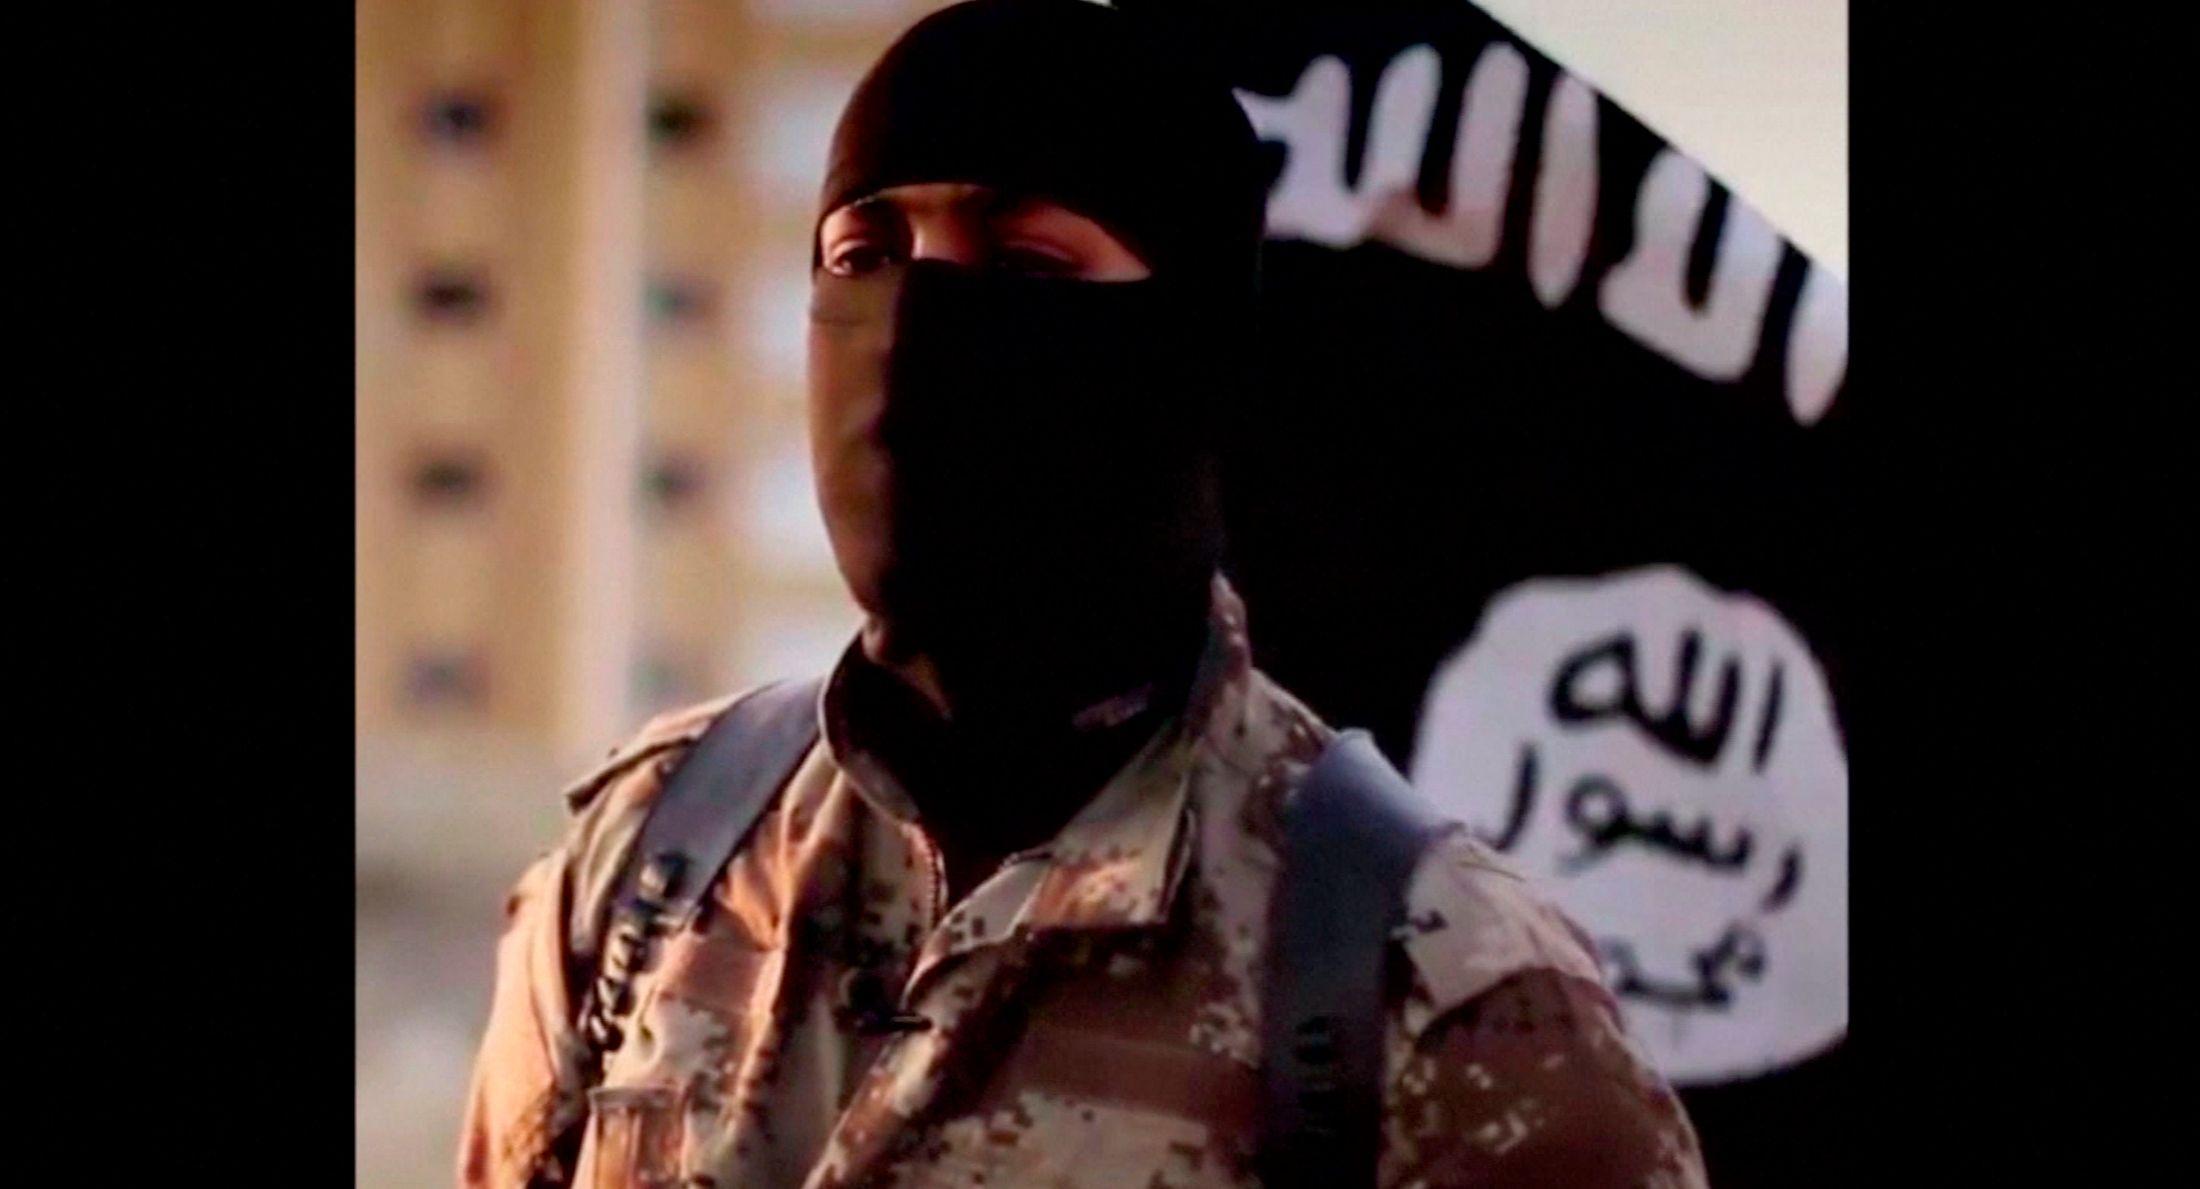 Les groupes de djihadistes nord-africains qui font allégeance à l'Etat islamique sont de plus en plus nombreux...